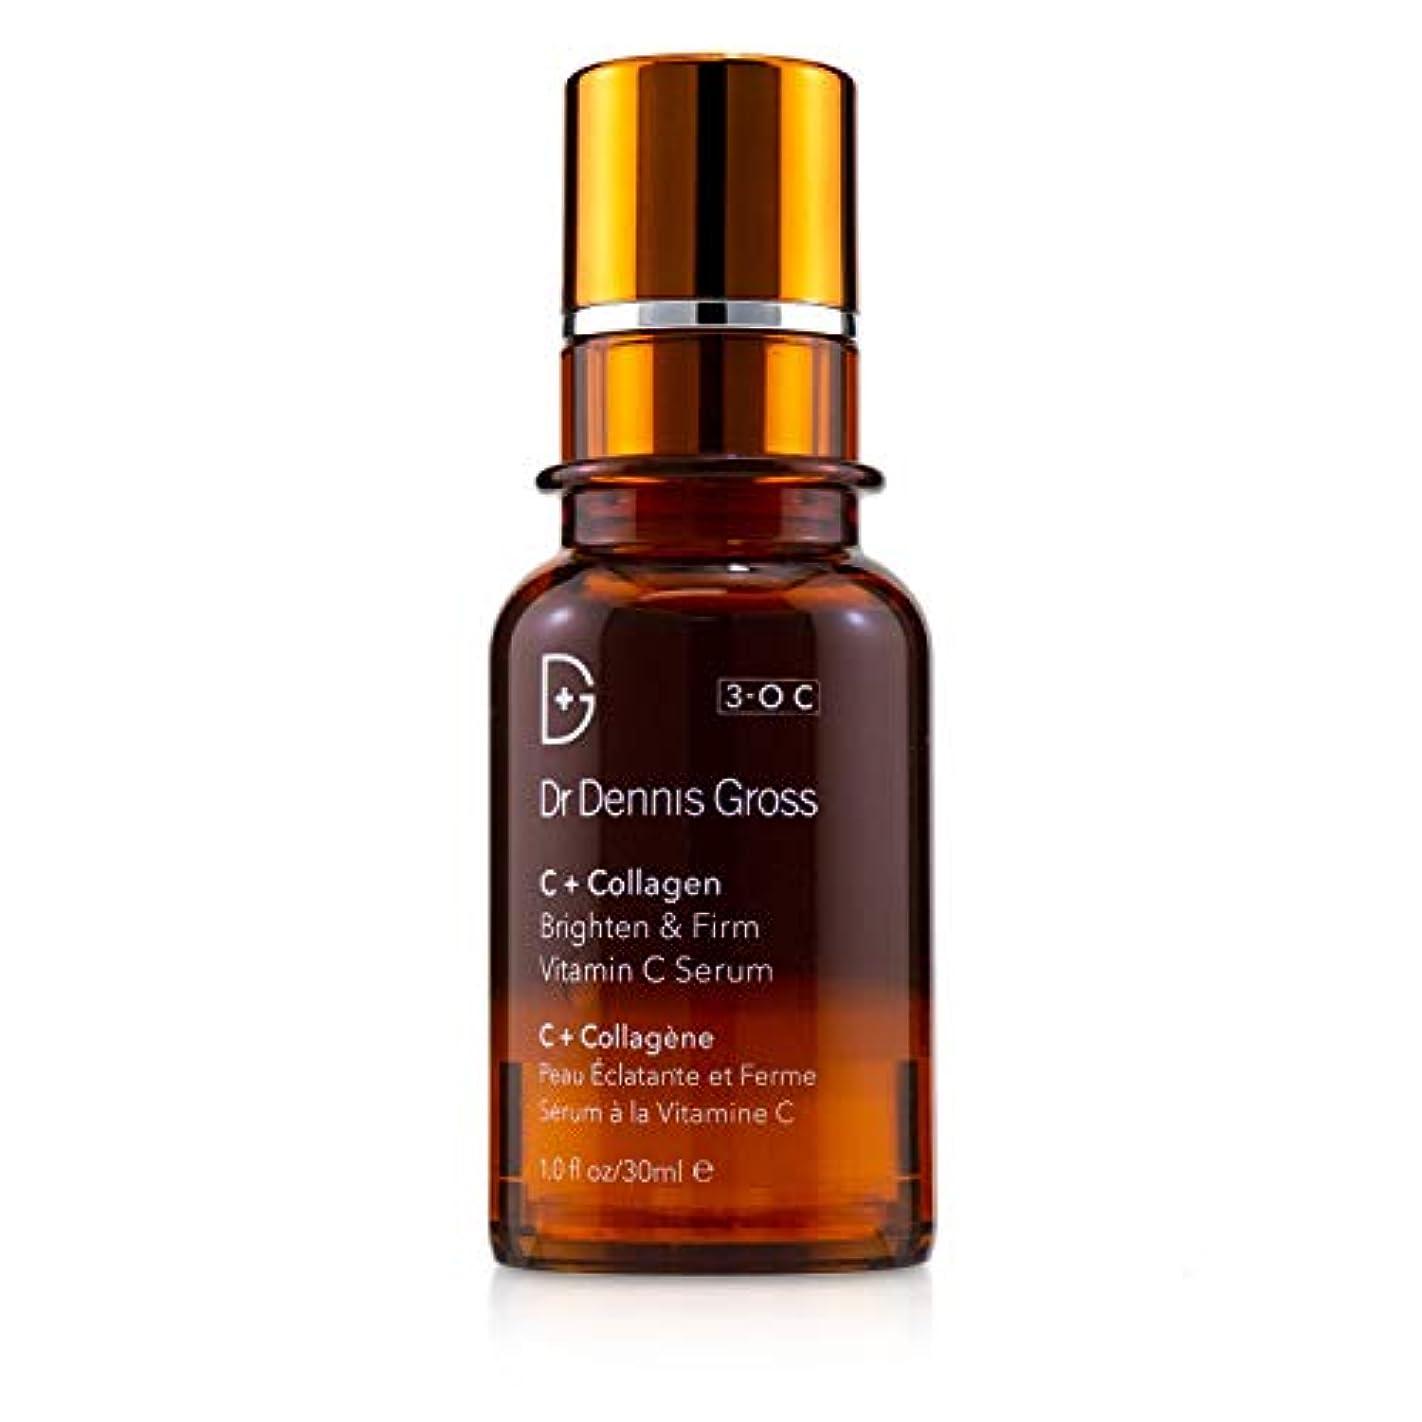 緊張する書き込み社会主義者ドクターデニスグロス C + Collagen Brighten & Firm Vitamin C Serum - Salon Product 30ml/1oz並行輸入品